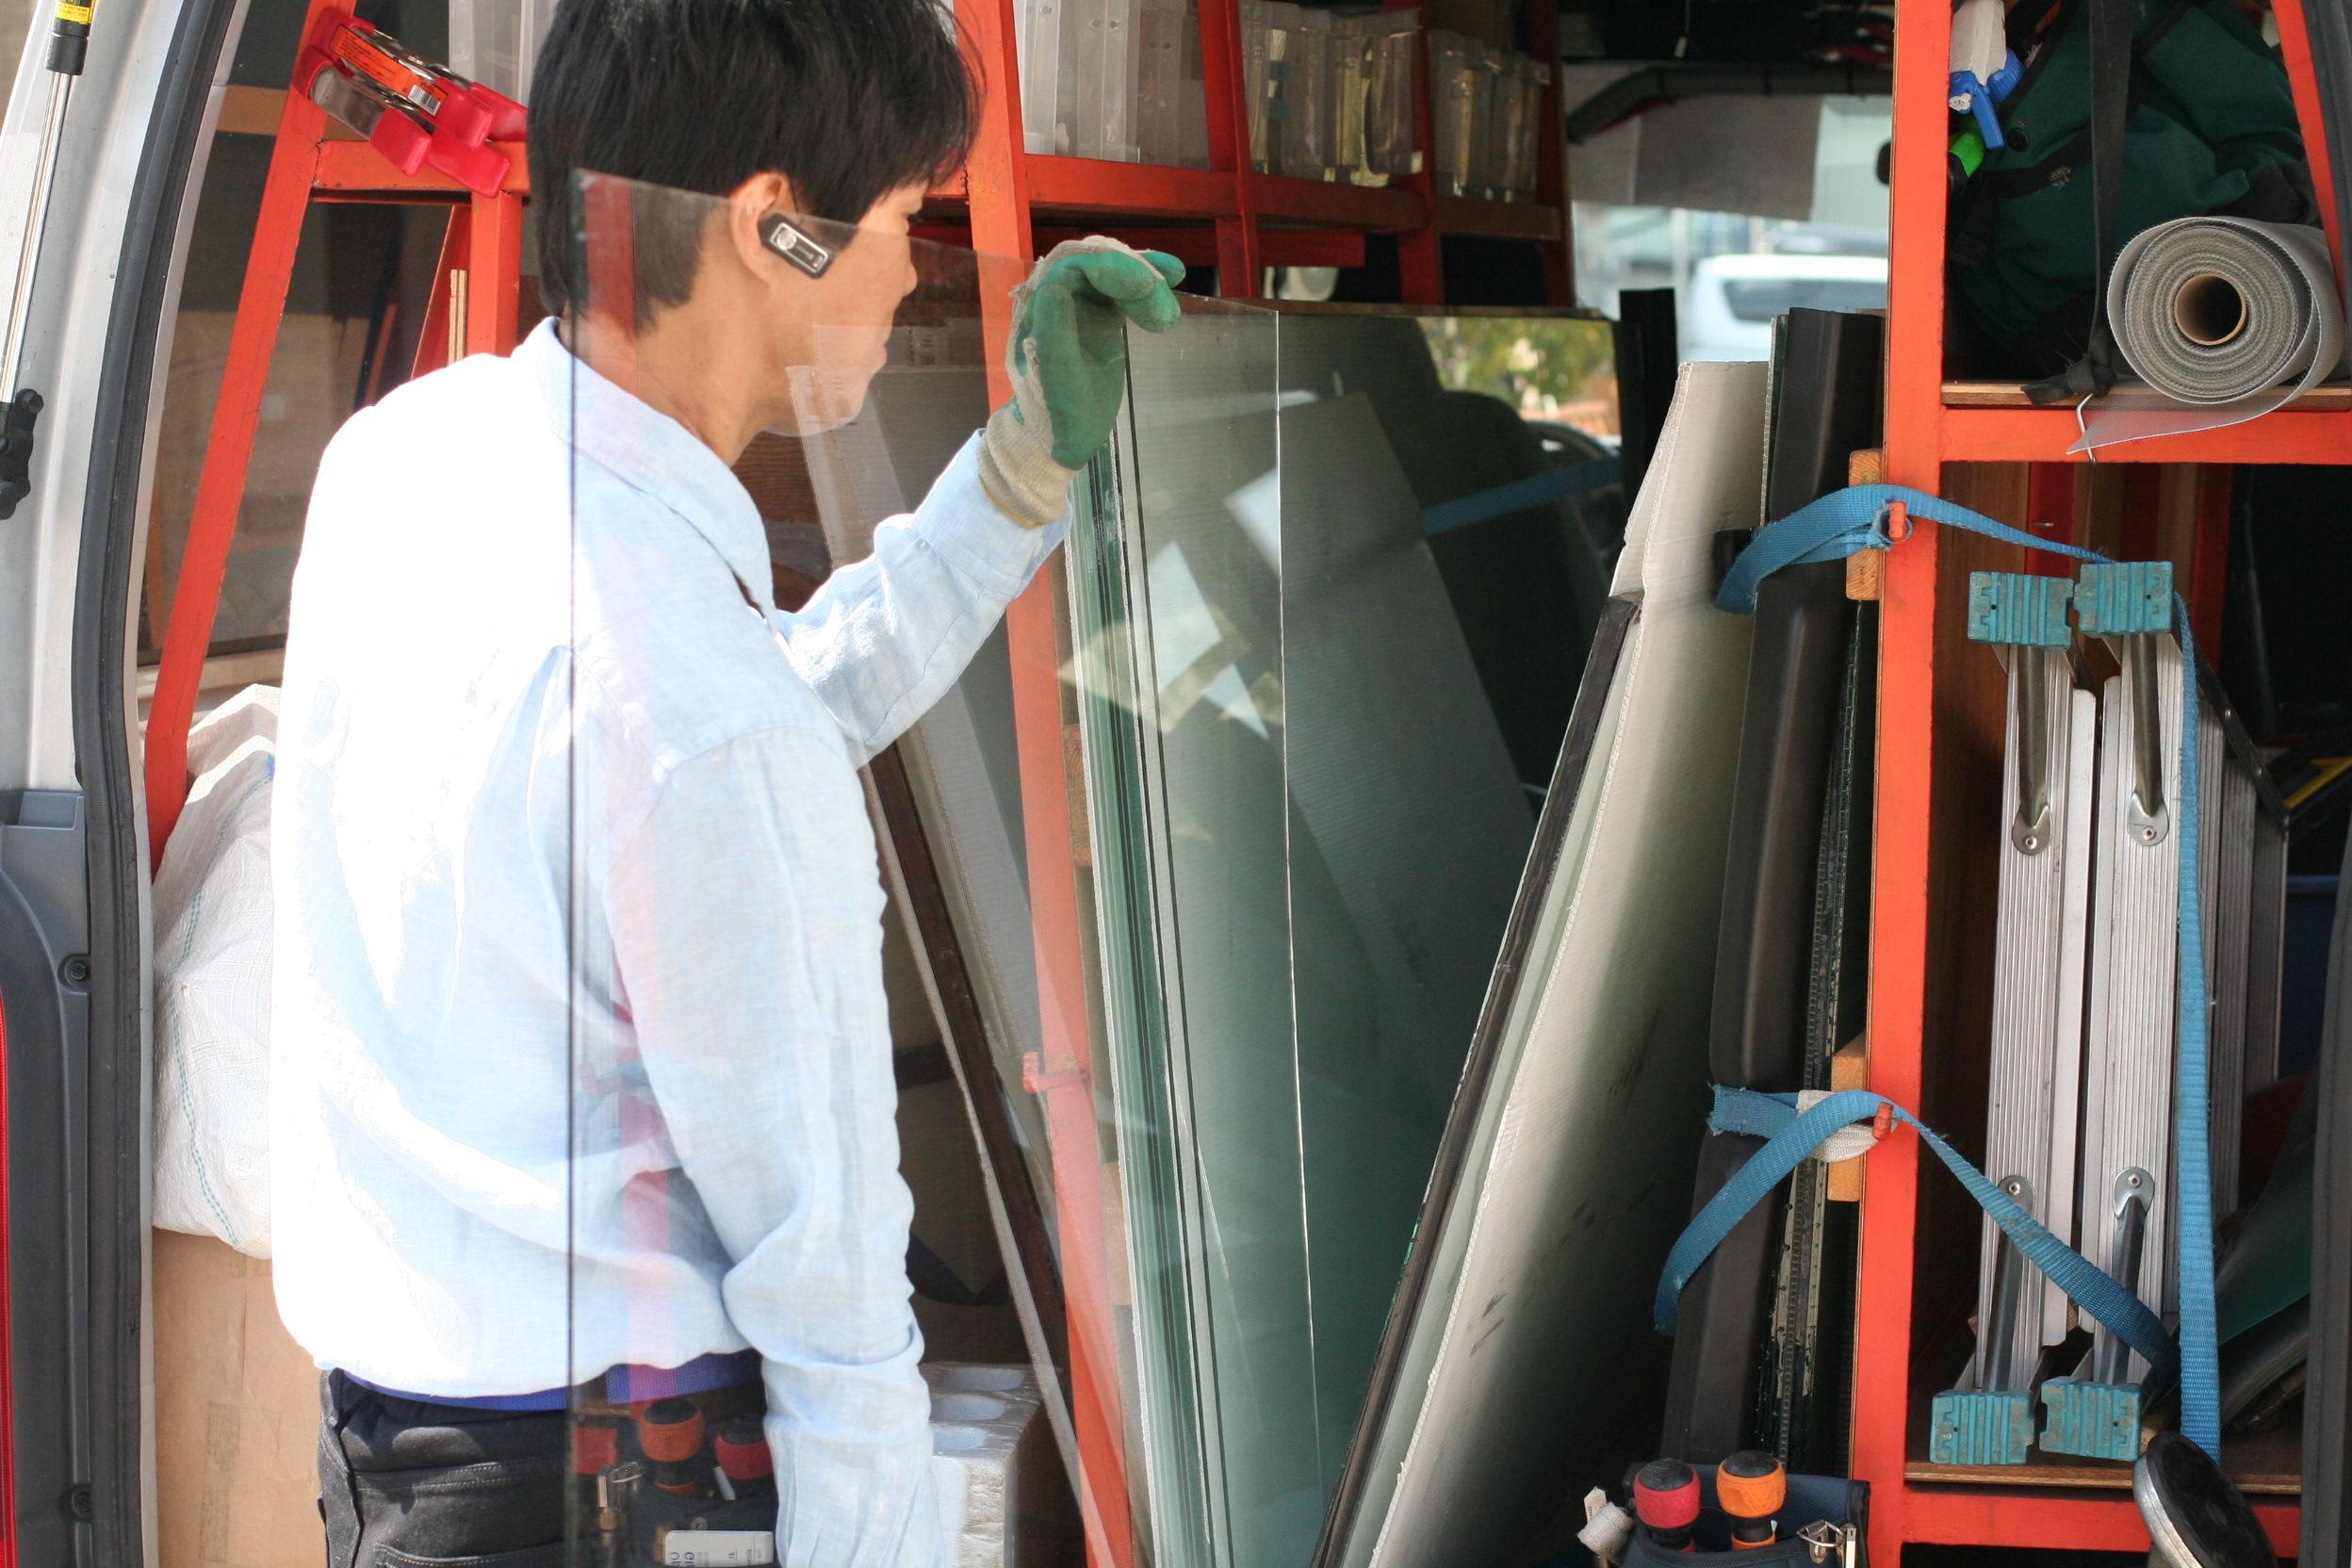 ガラスのトラブル救Q隊.24【狛江市 出張エリア】の店内・外観画像4